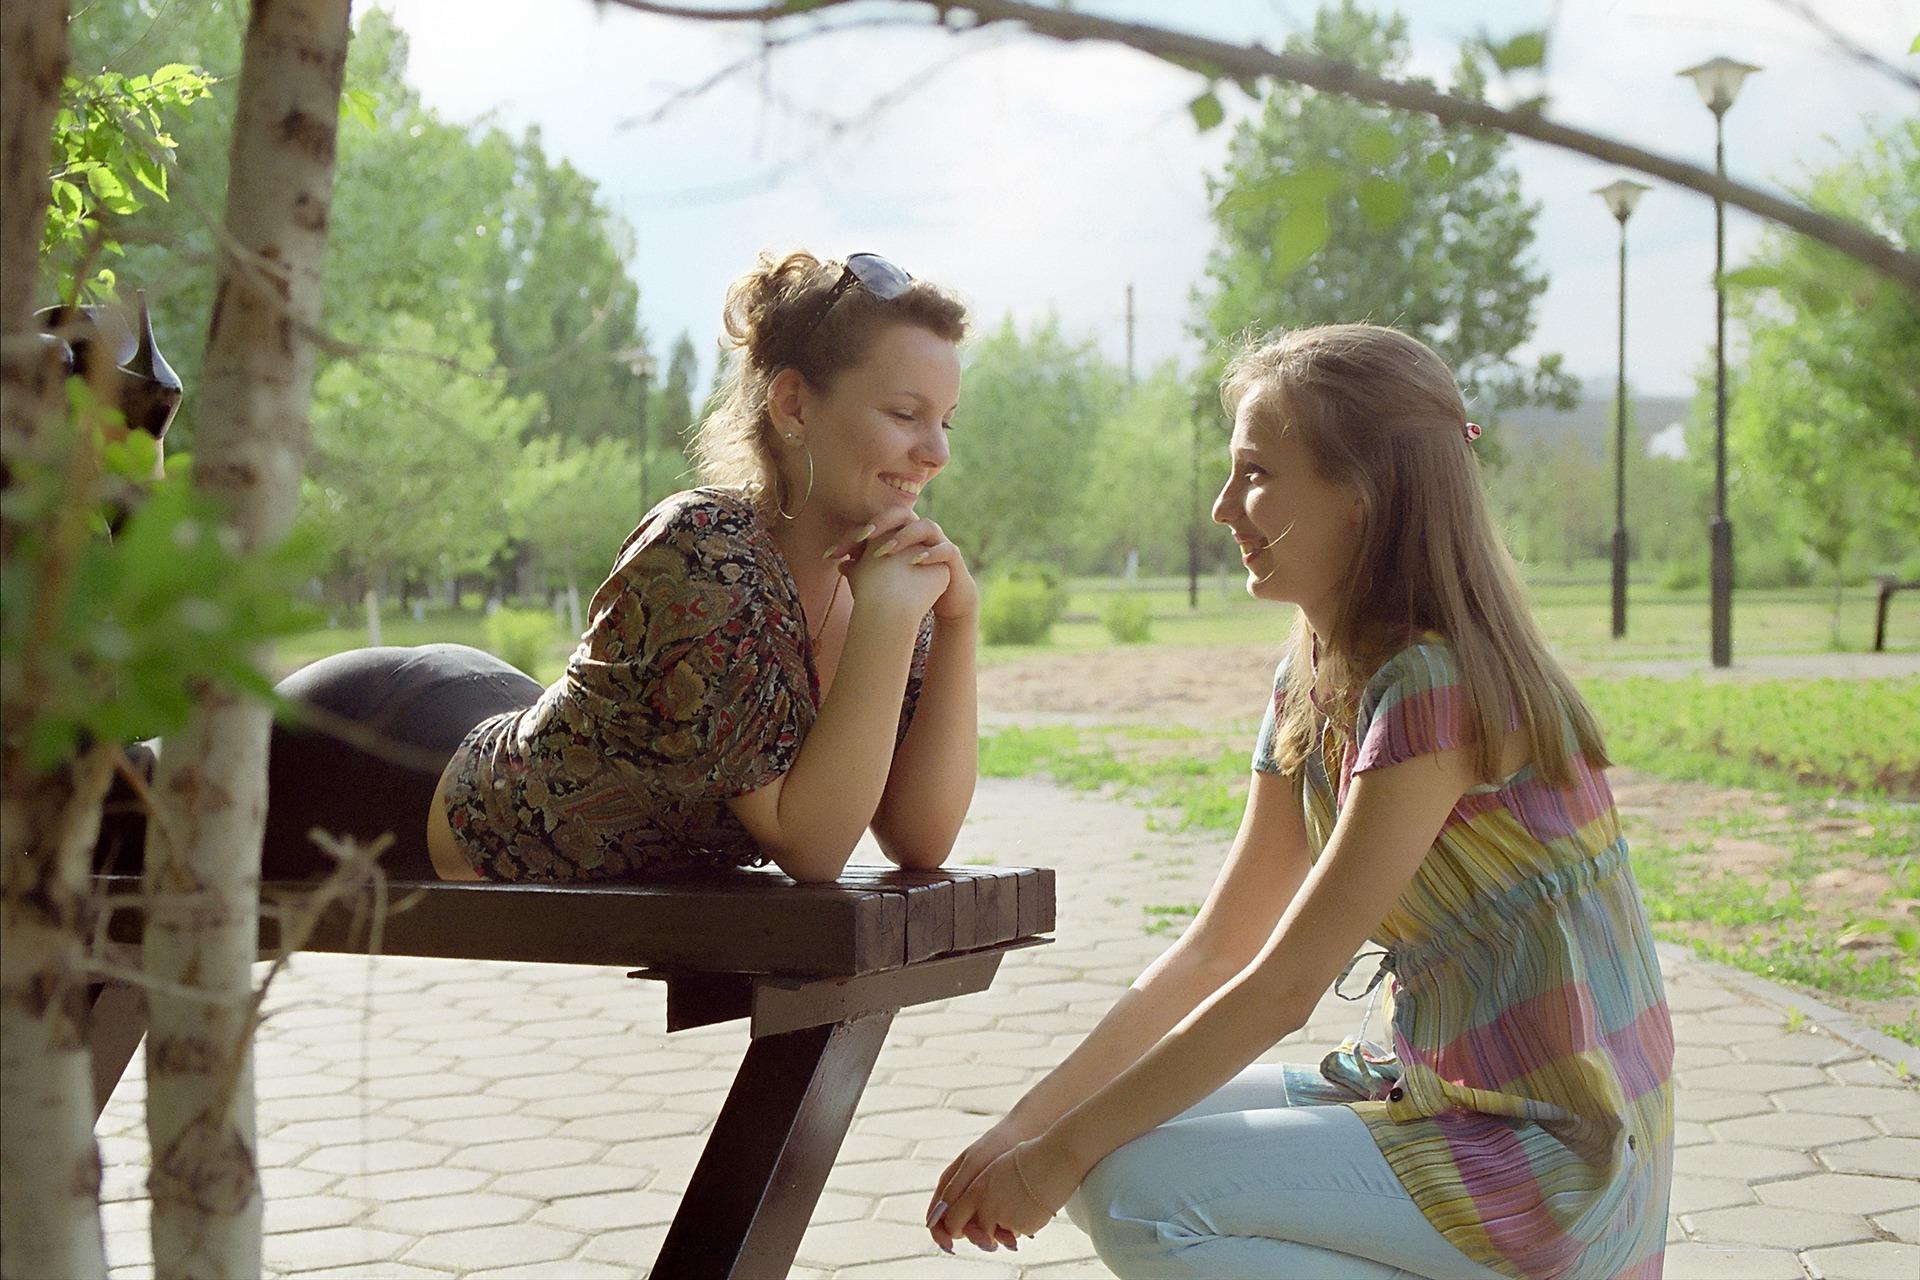 La escucha activa implica resistir la tentación de dar consejos y de juzgar al otro.